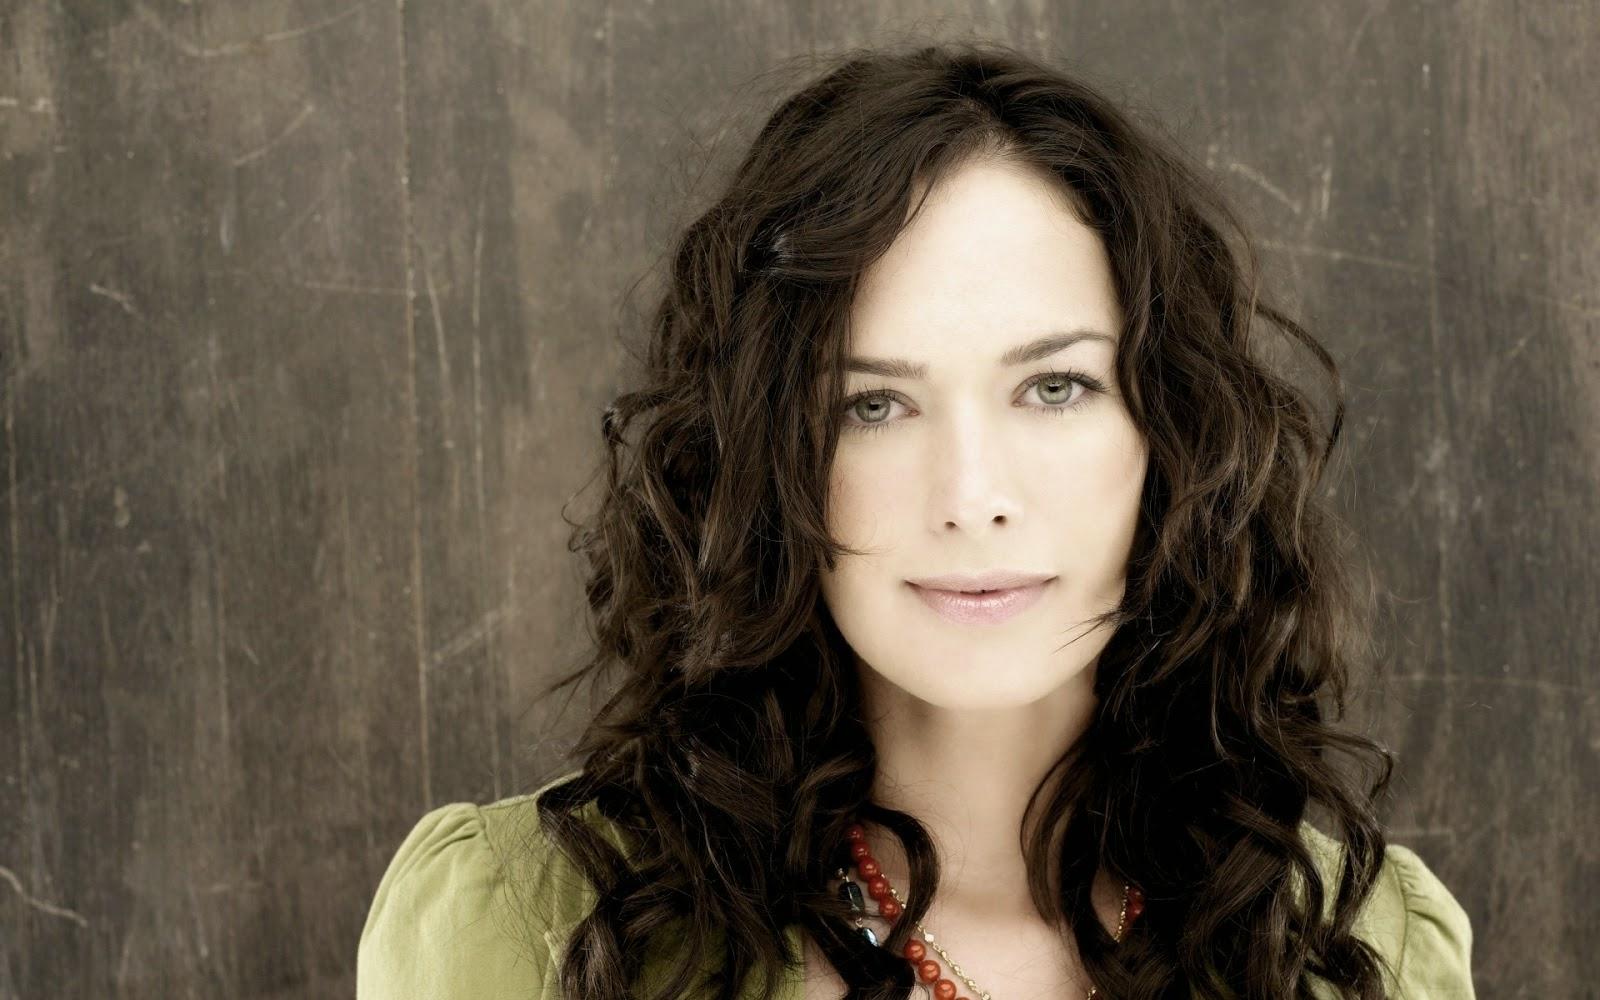 actress Rose leslie